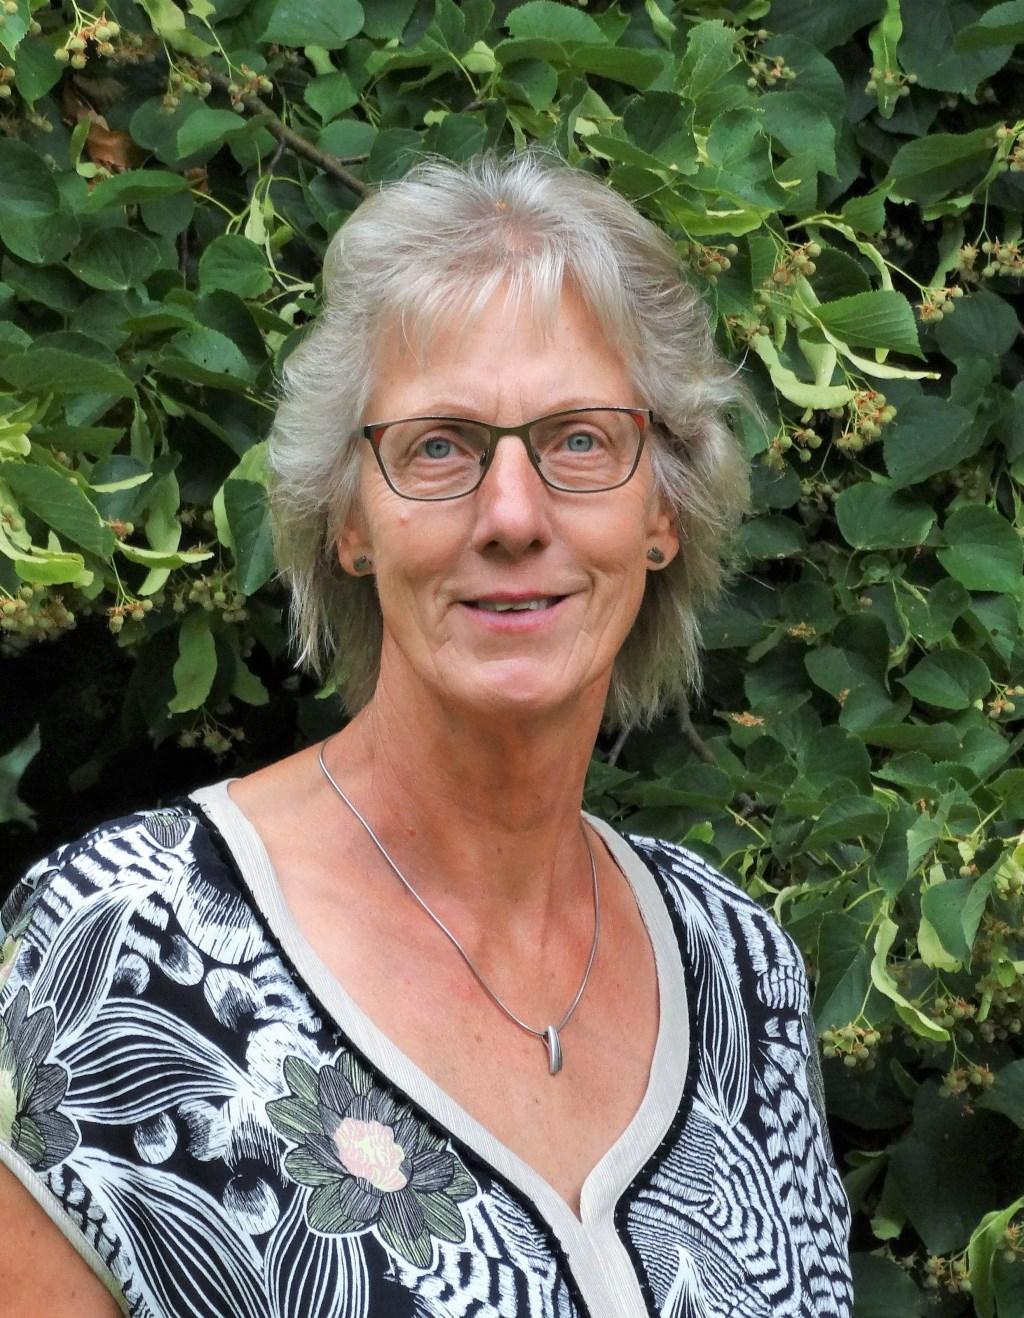 Penningmeester Anneke Voorend uit Zelhem. Foto: Gerlinde Bulten  © Achterhoek Nieuws b.v.